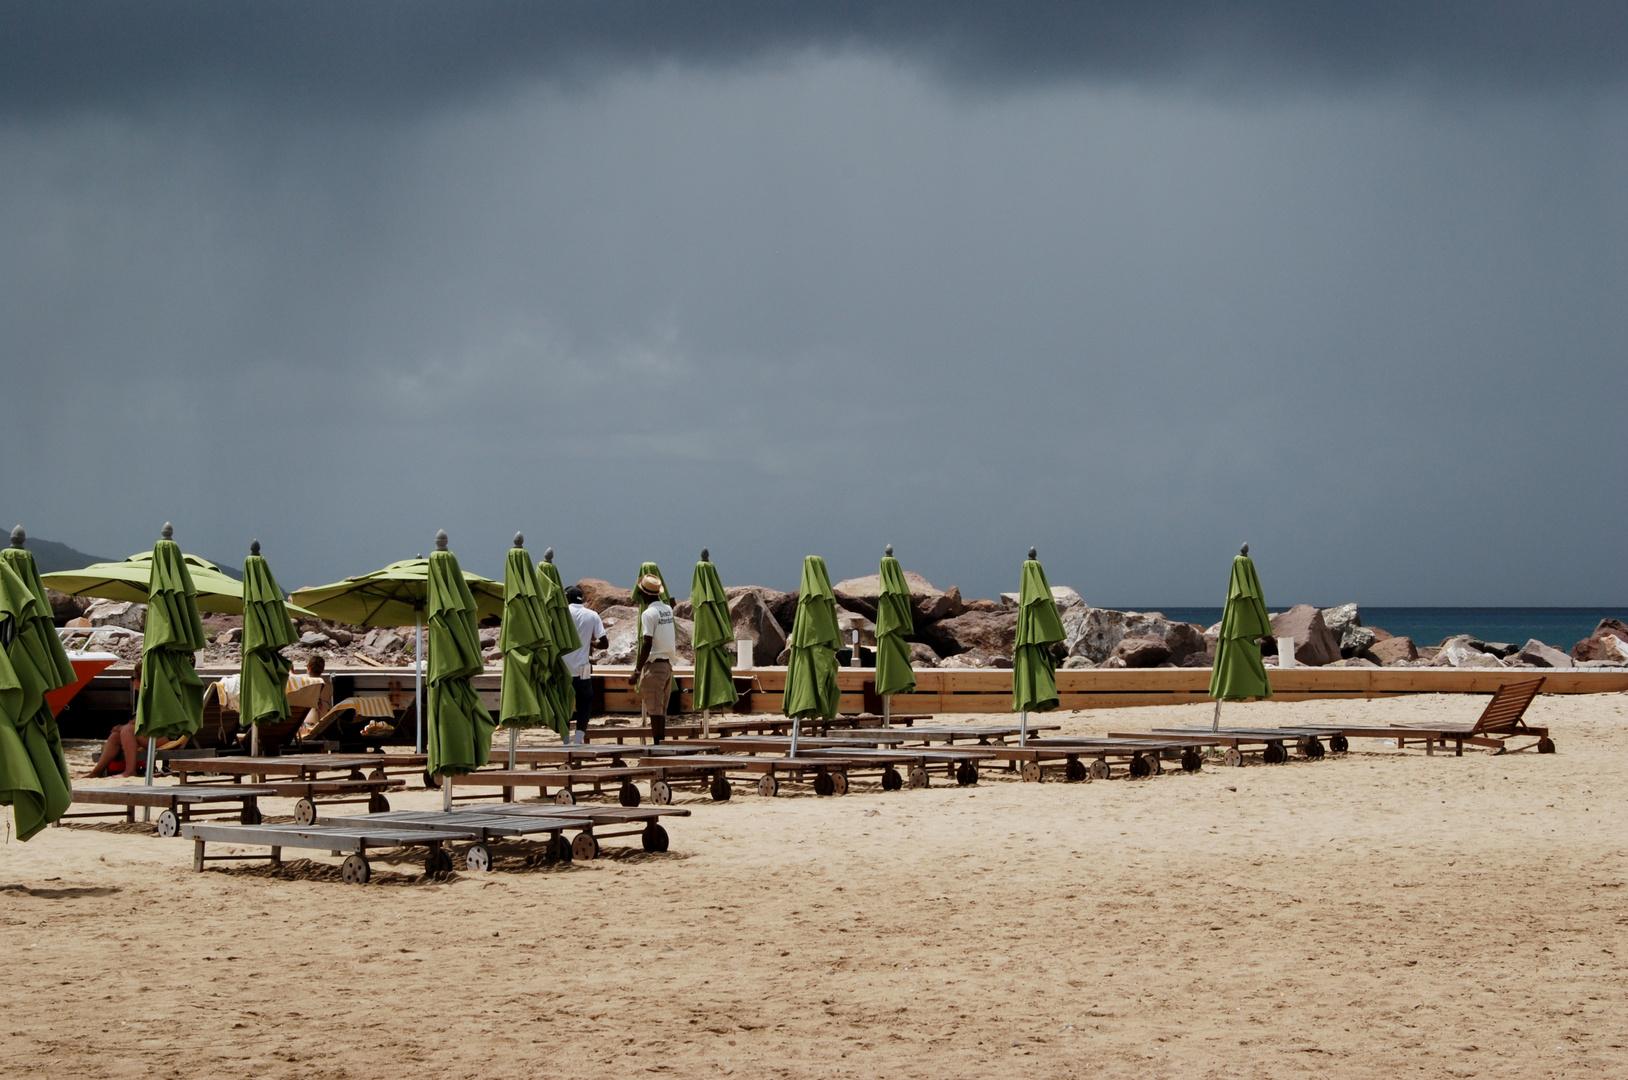 dunkle Wolken über dem Strand